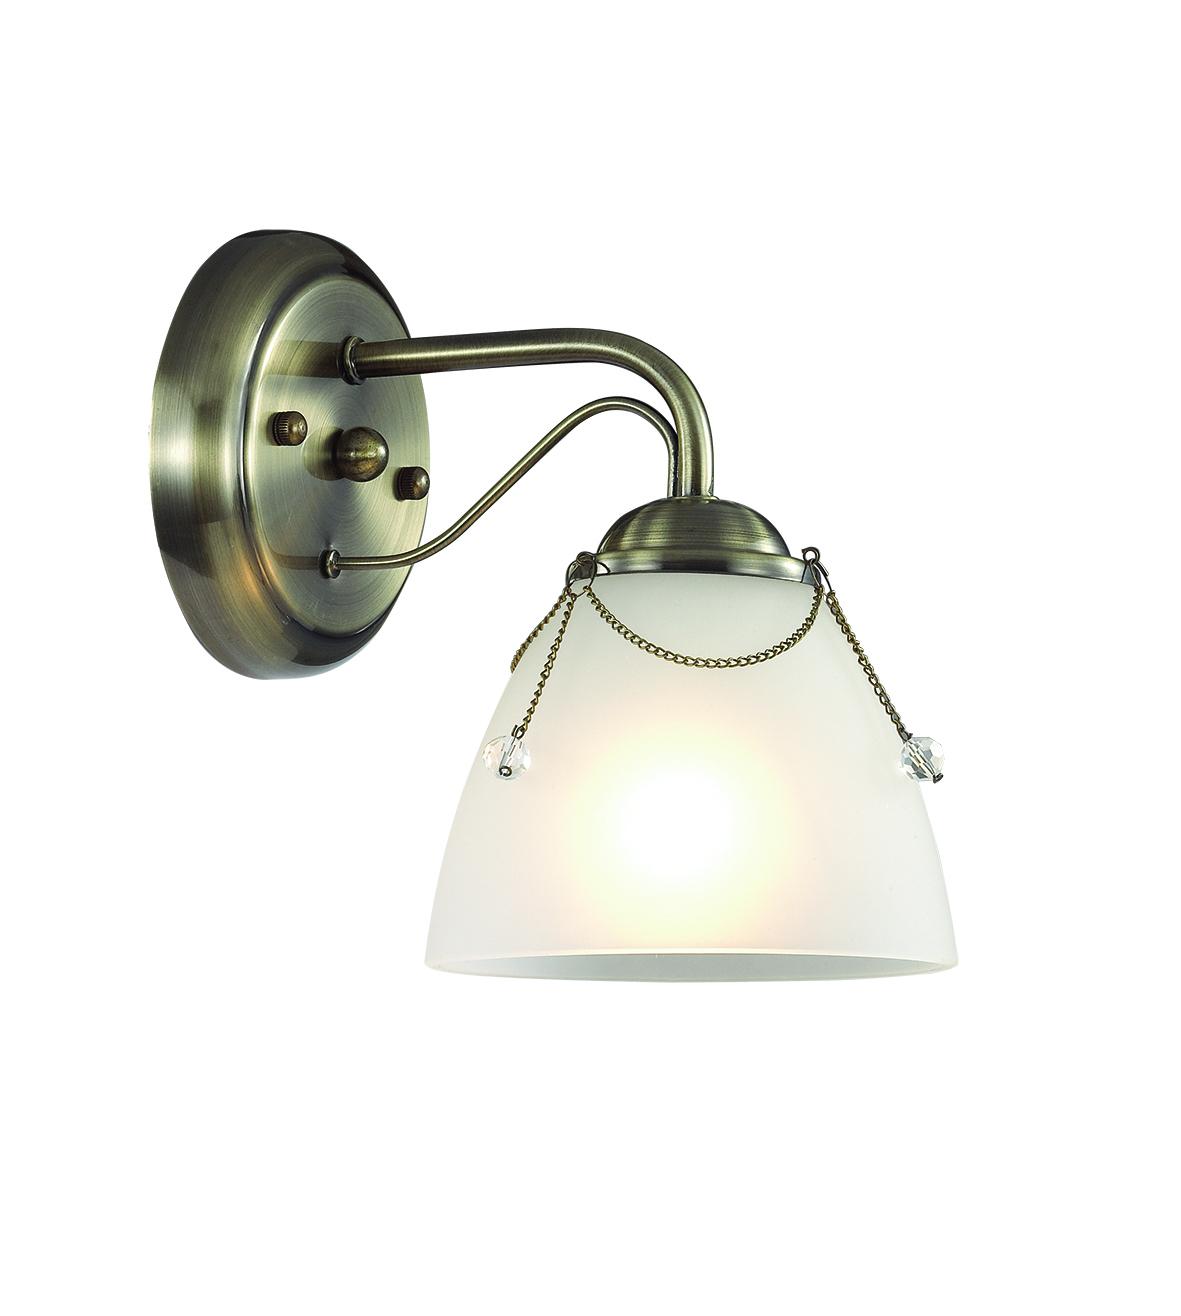 Бра Lumion Debora 3146/1W, 1xE14x60W, бронза, прозрачный, металл, стекло - фото 1